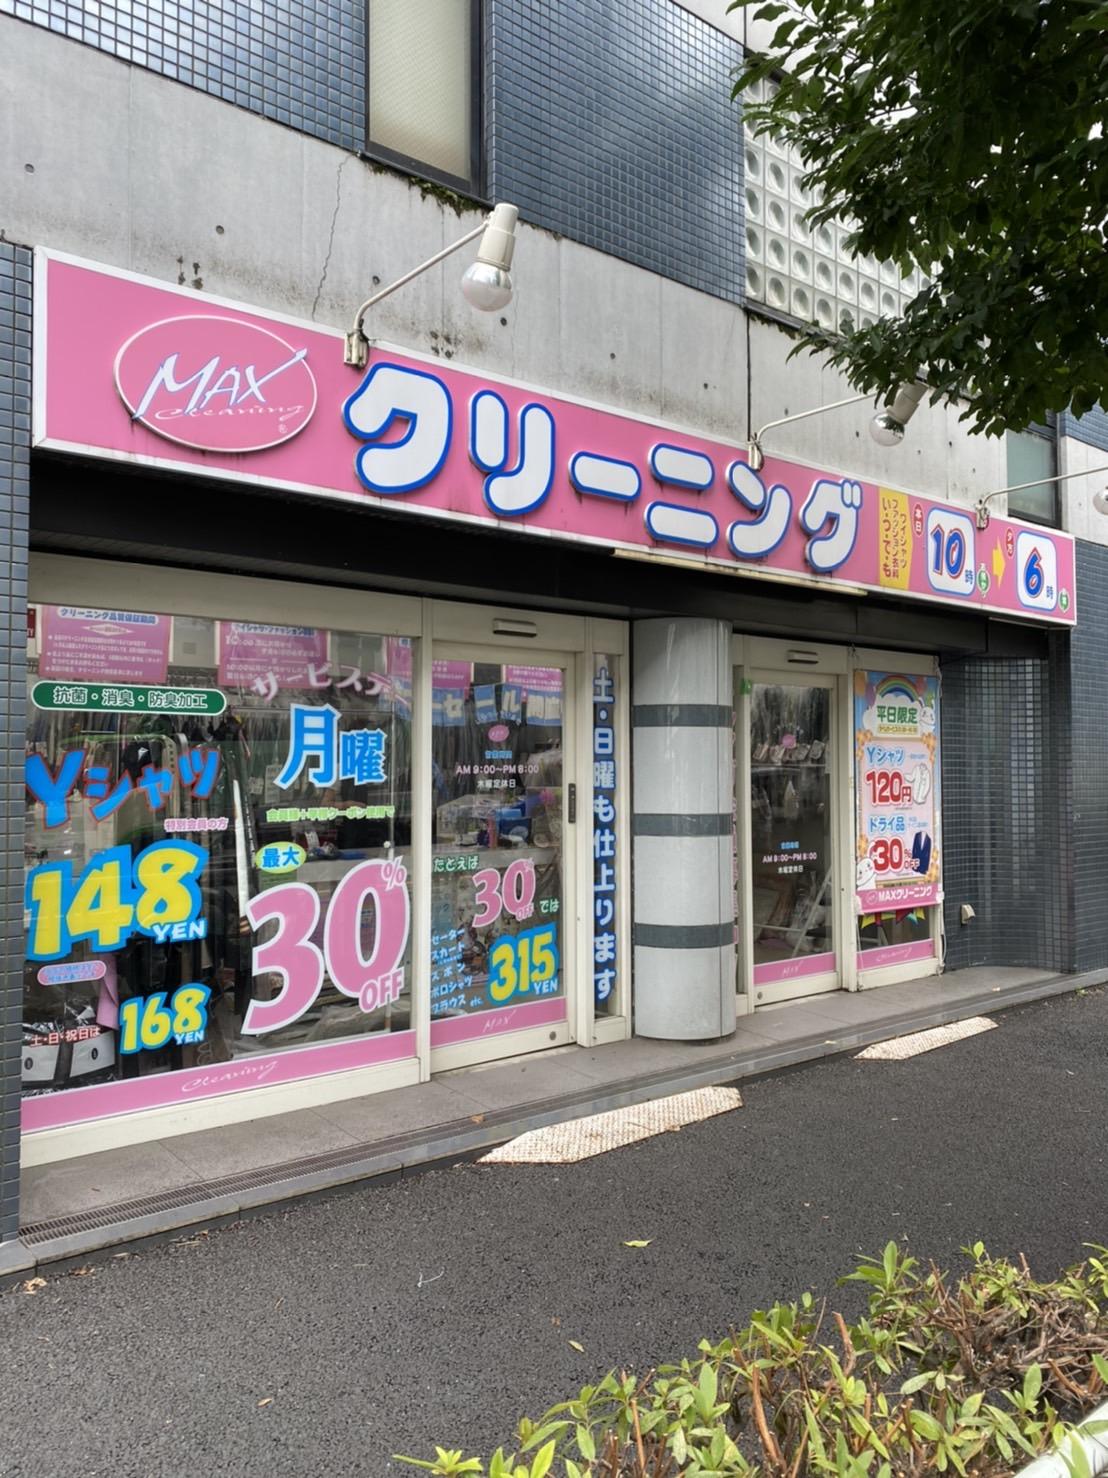 MAXクリーニング 中野通 富ヶ谷店